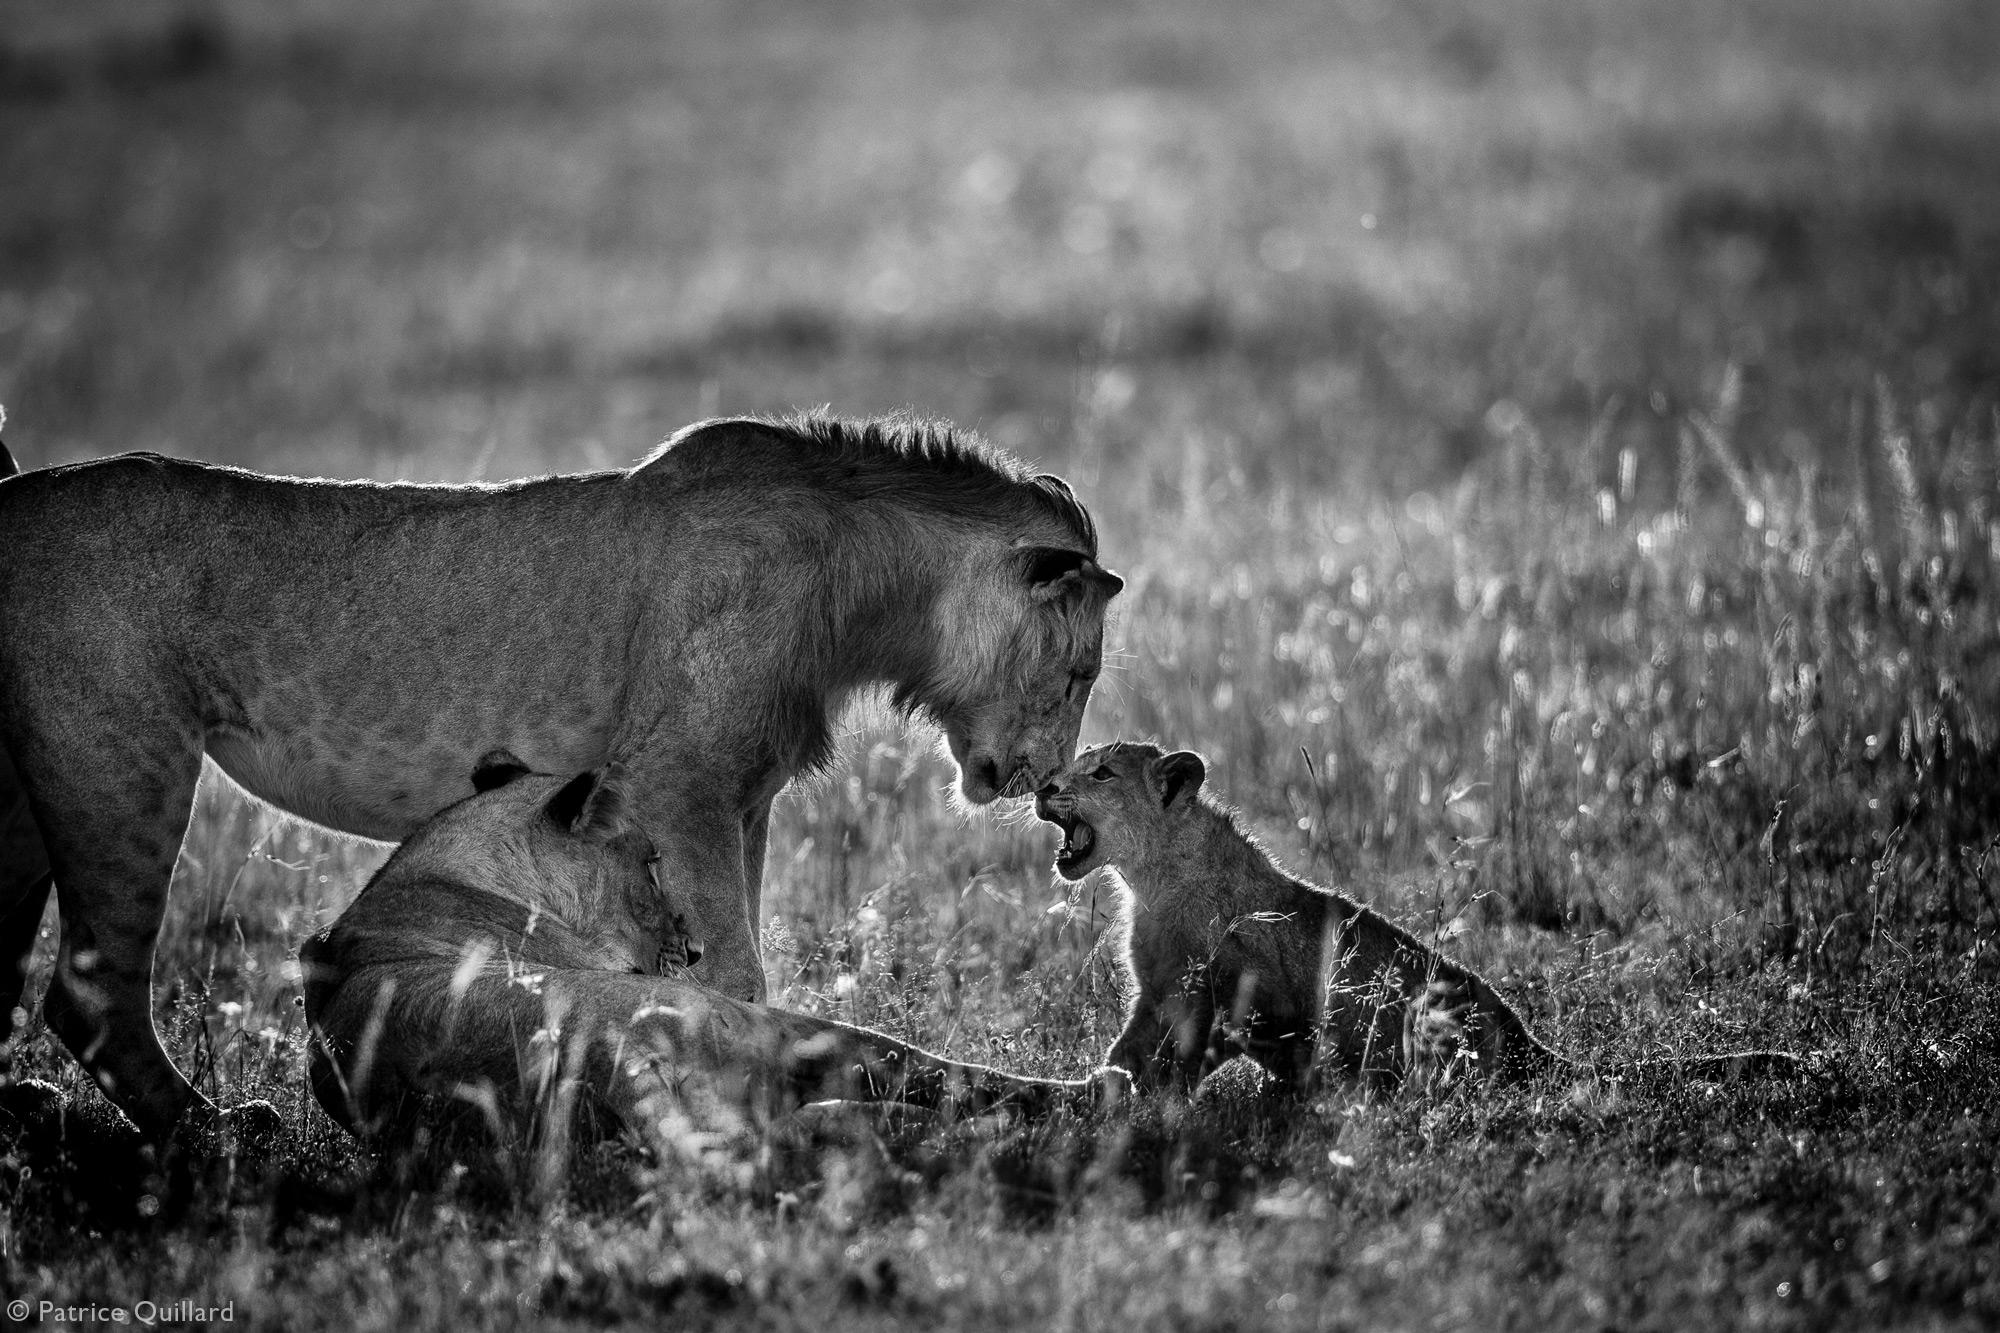 Young lions at play in Maasai Mara National Reserve, Kenya